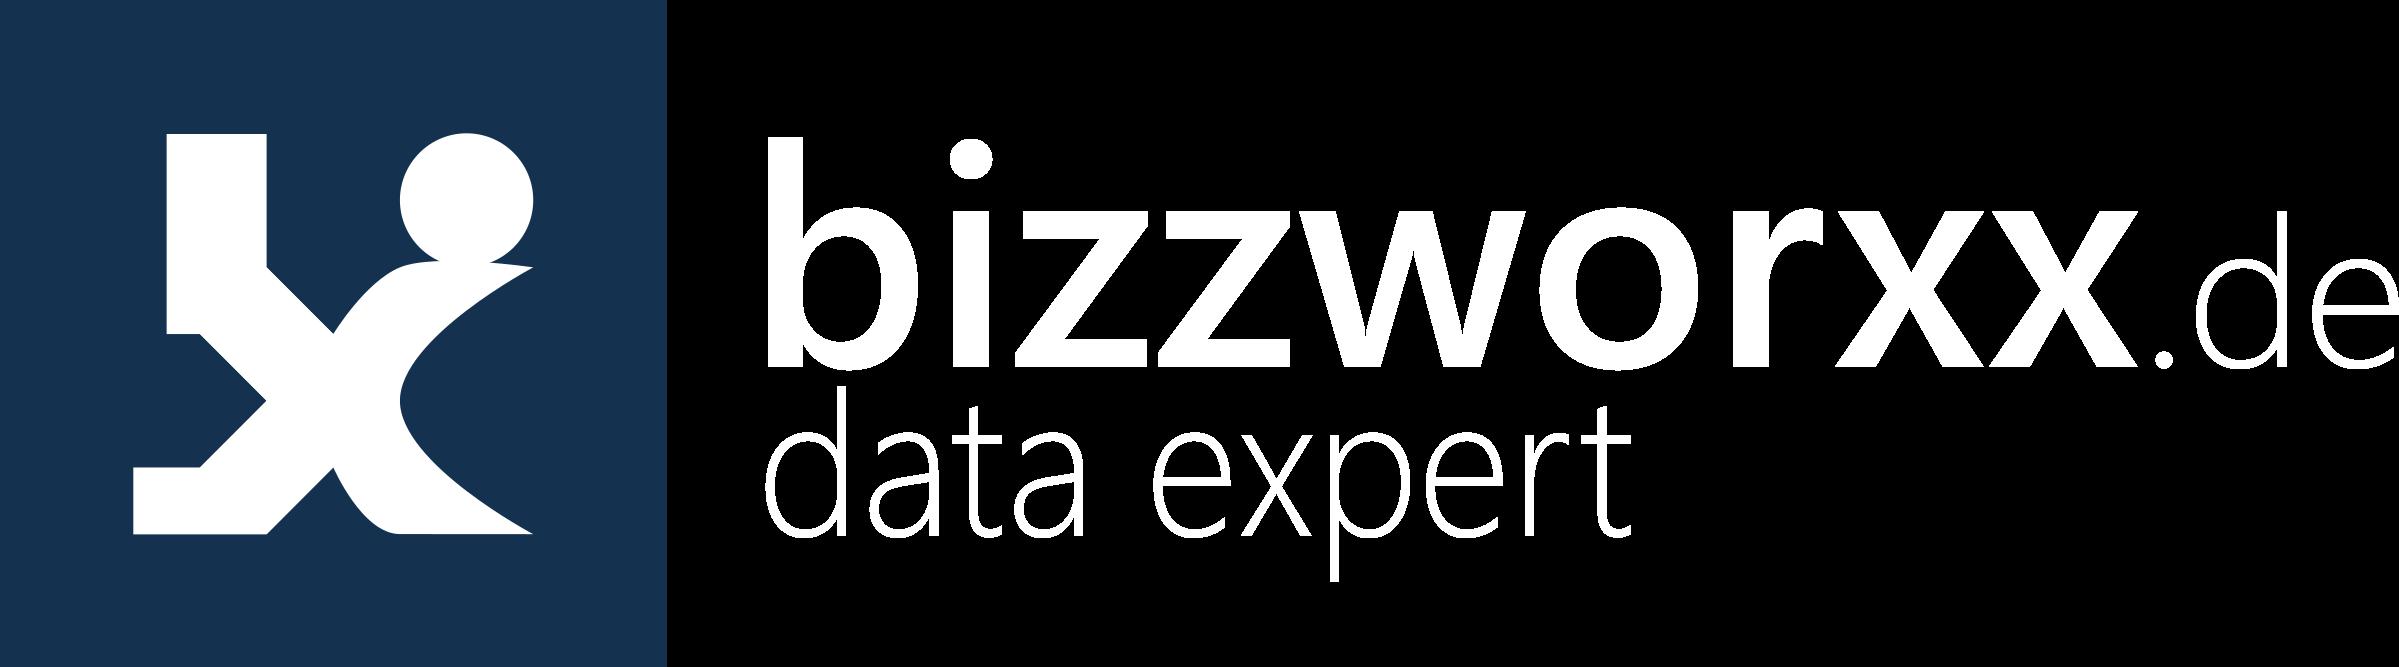 bizzworxx.de